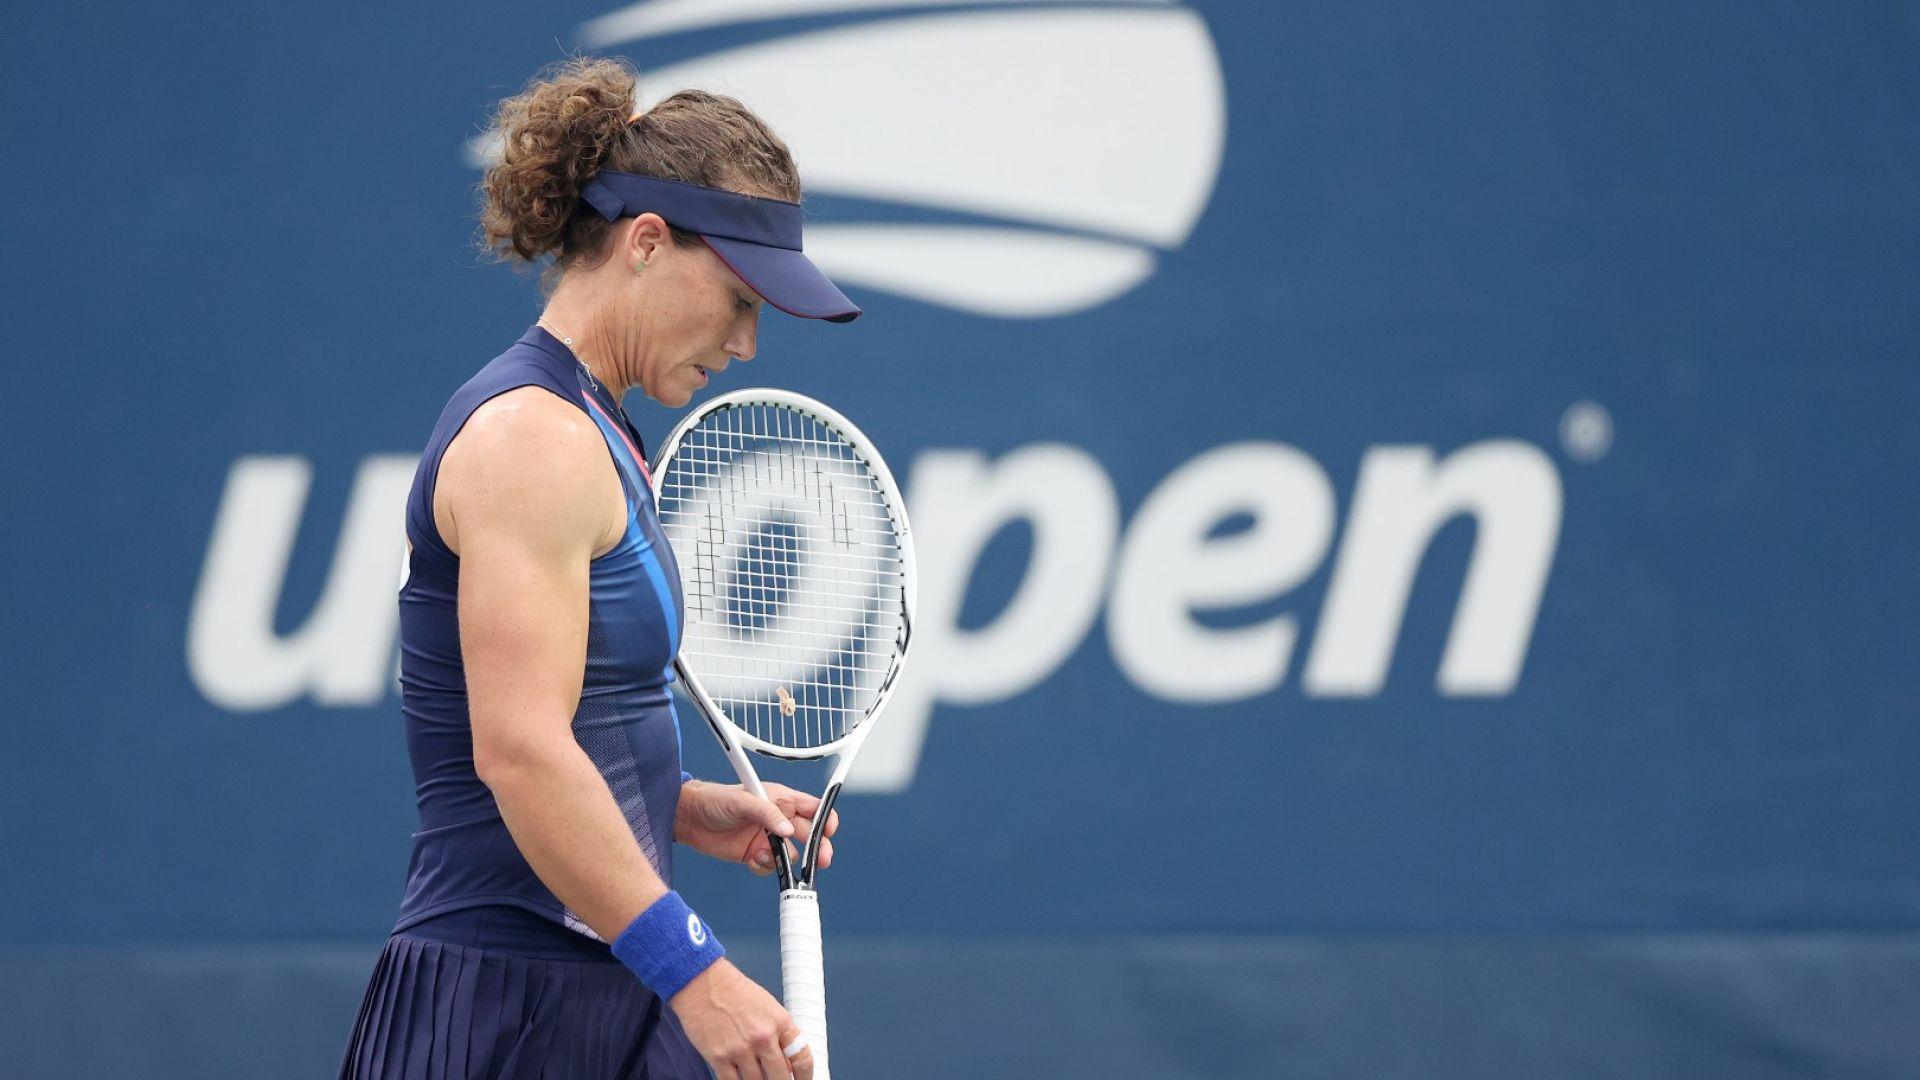 Тежко поражение побутна шампионка на US Open към отказване (Резултати)